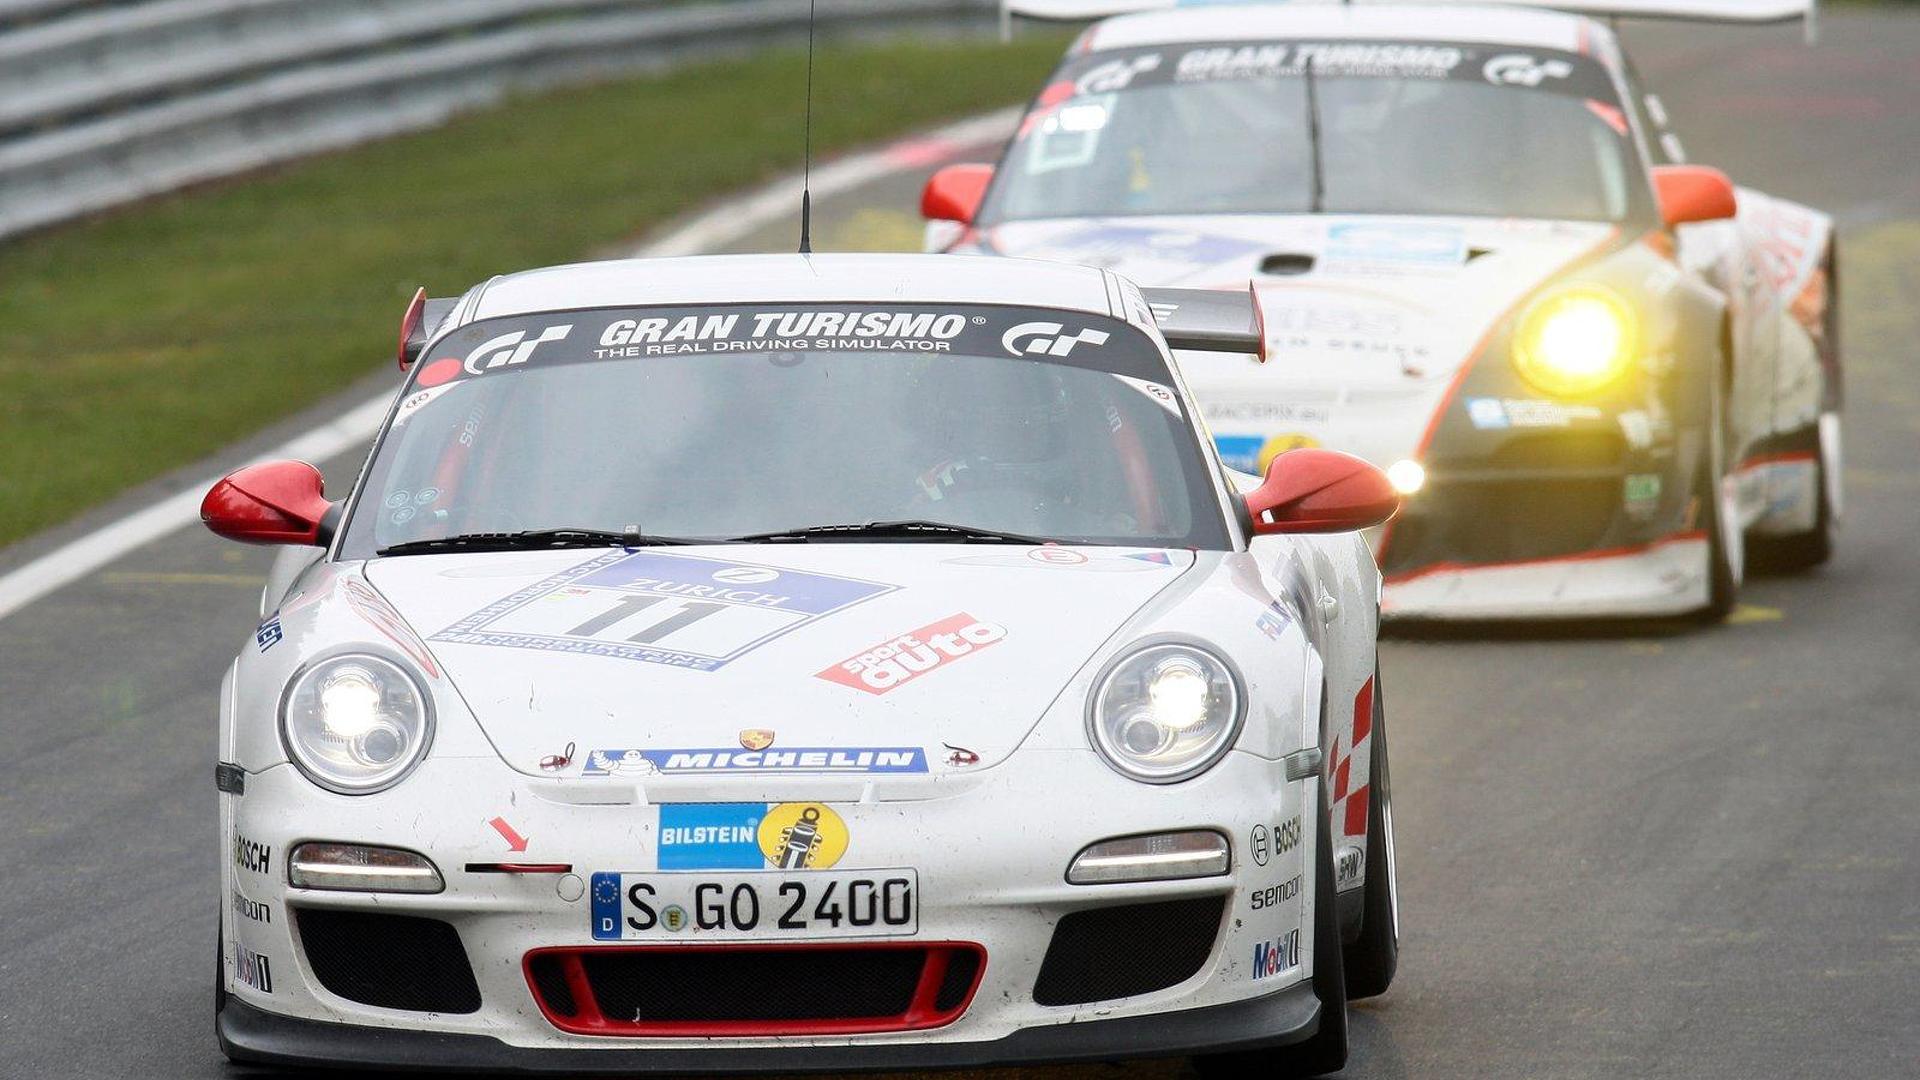 2010-202286-porsche-911-gt3-rs-nurburgring-24h-chris-harris-roland-asch-horst-von-saurma-p1.jpg